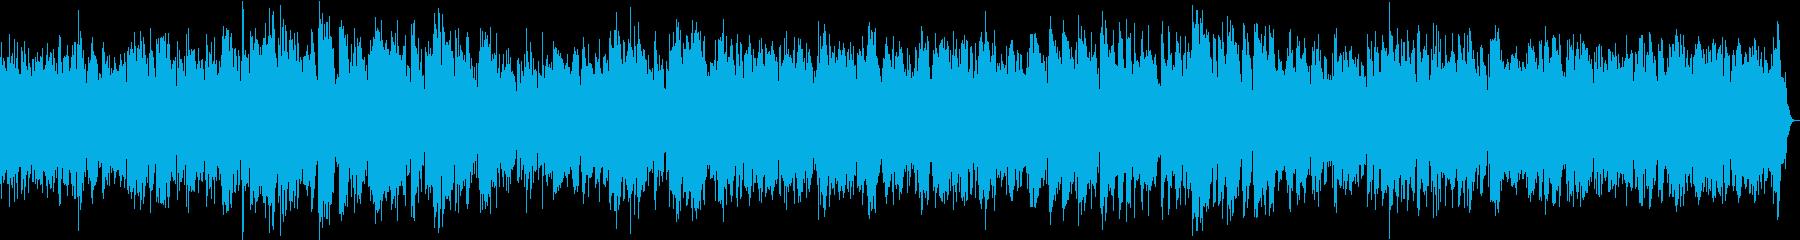 生演奏・ボサノバ・フルート・店舗BGMの再生済みの波形